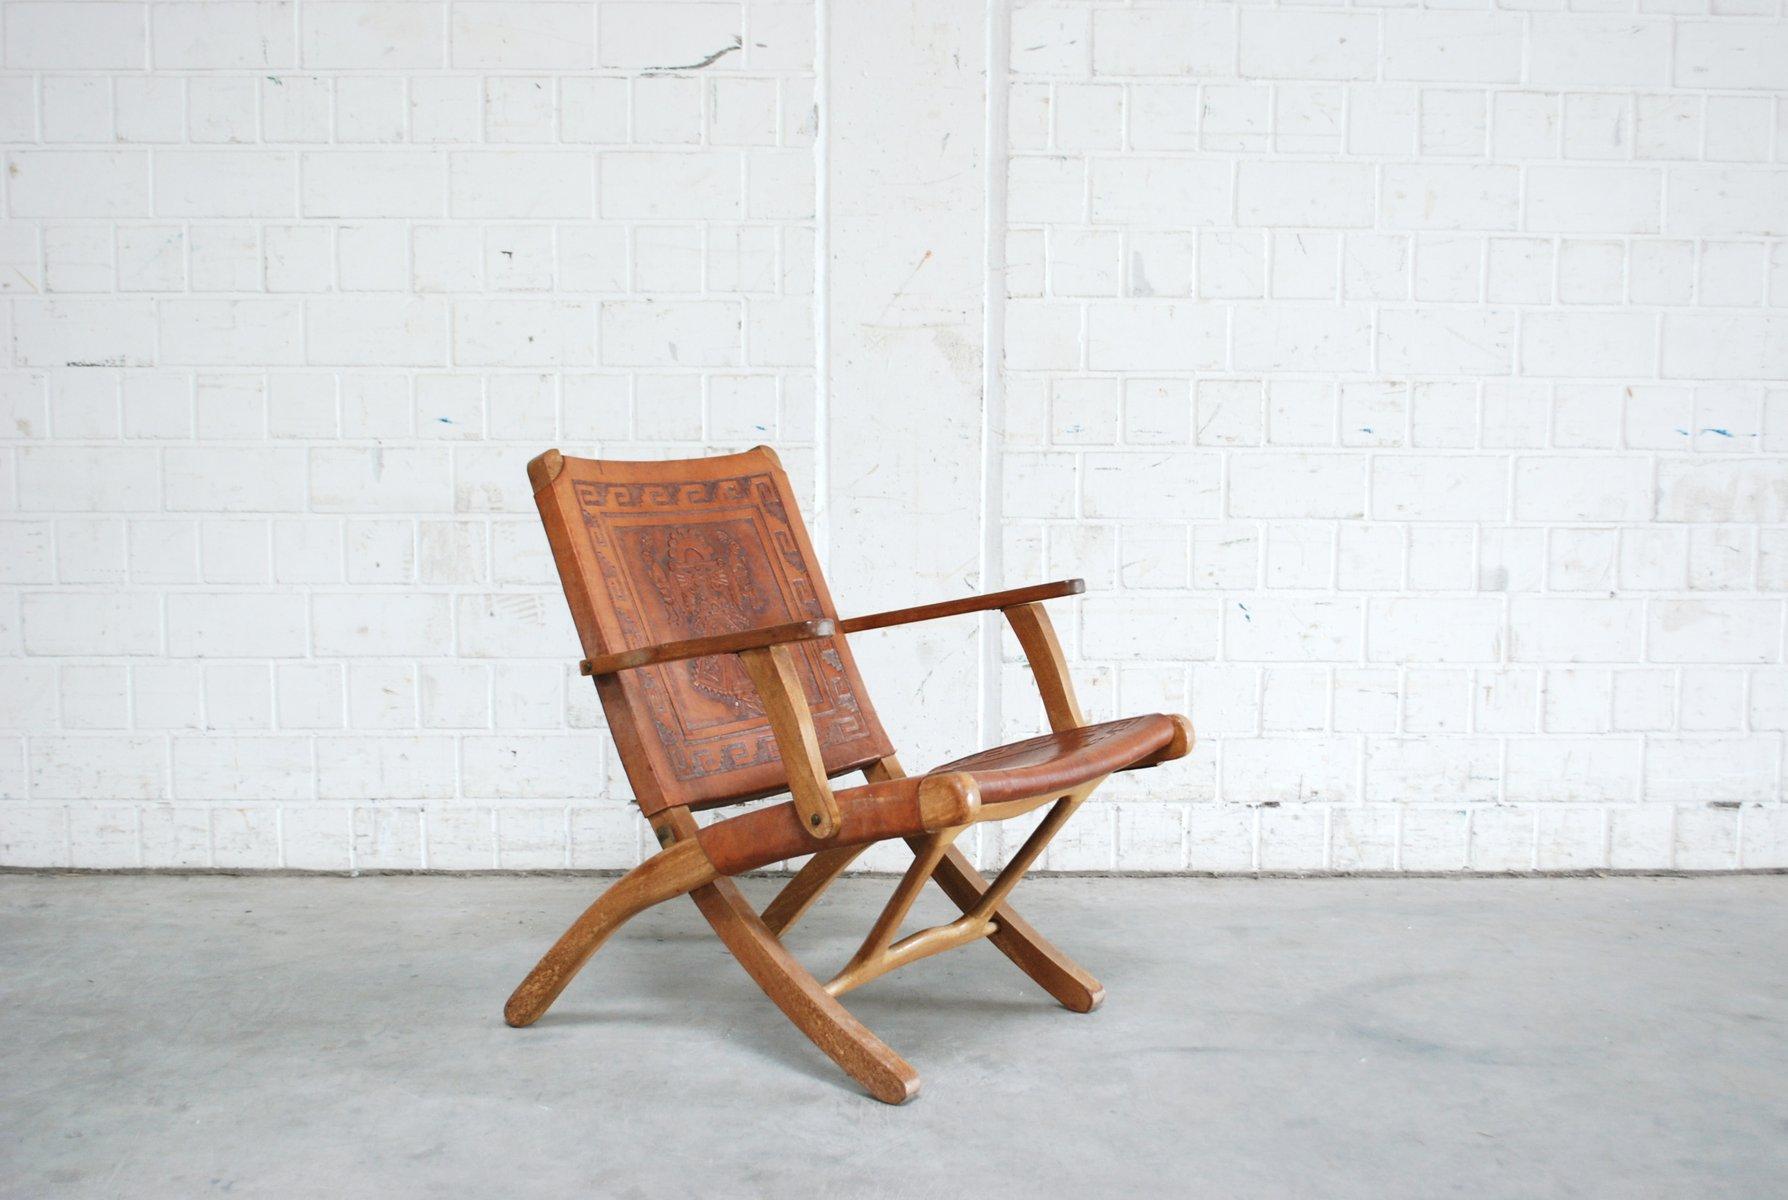 Famoso Muebles Al Aire Libre De Alquiler Melbourne Imagen - Muebles ...